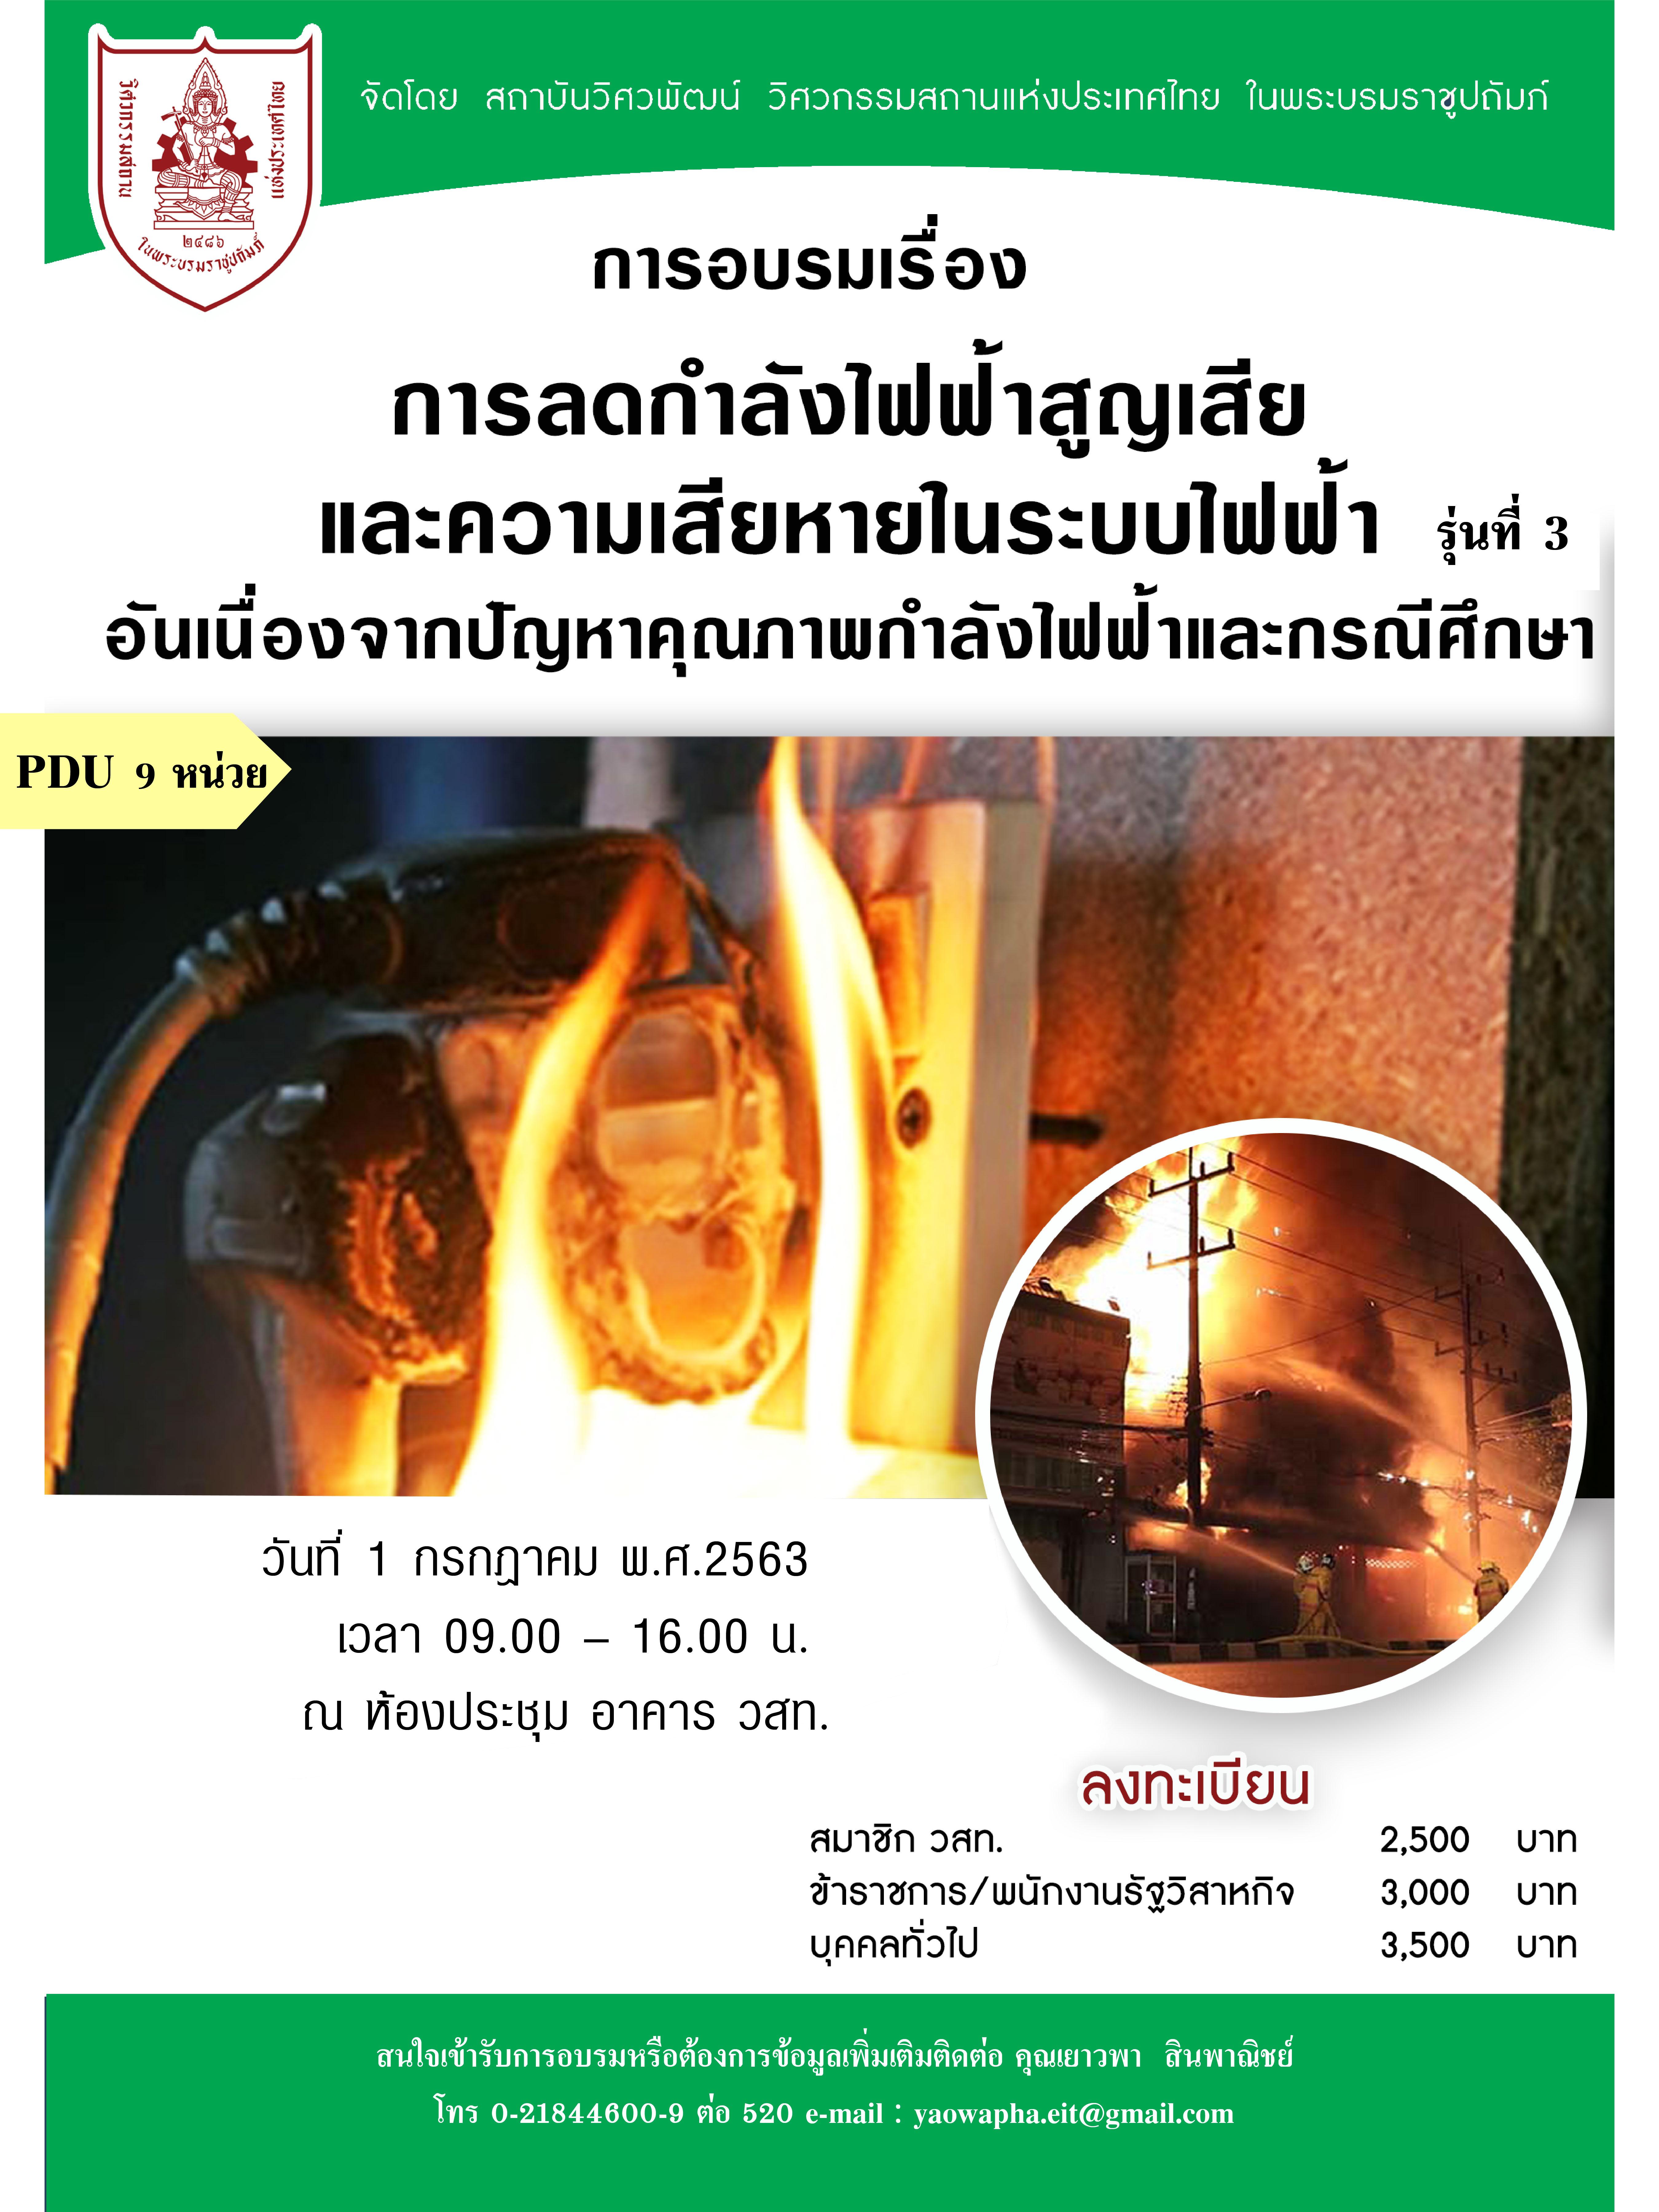 1/07/2563 การอบรมเรื่อง การลดกำลังไฟฟ้าสูญเสียและความเสียหายในระบบไฟฟ้า อันเนื่องจากปัญหาคุณภาพกำลังไฟฟ้าและกรณีศึกษา  รุ่นที่ 3